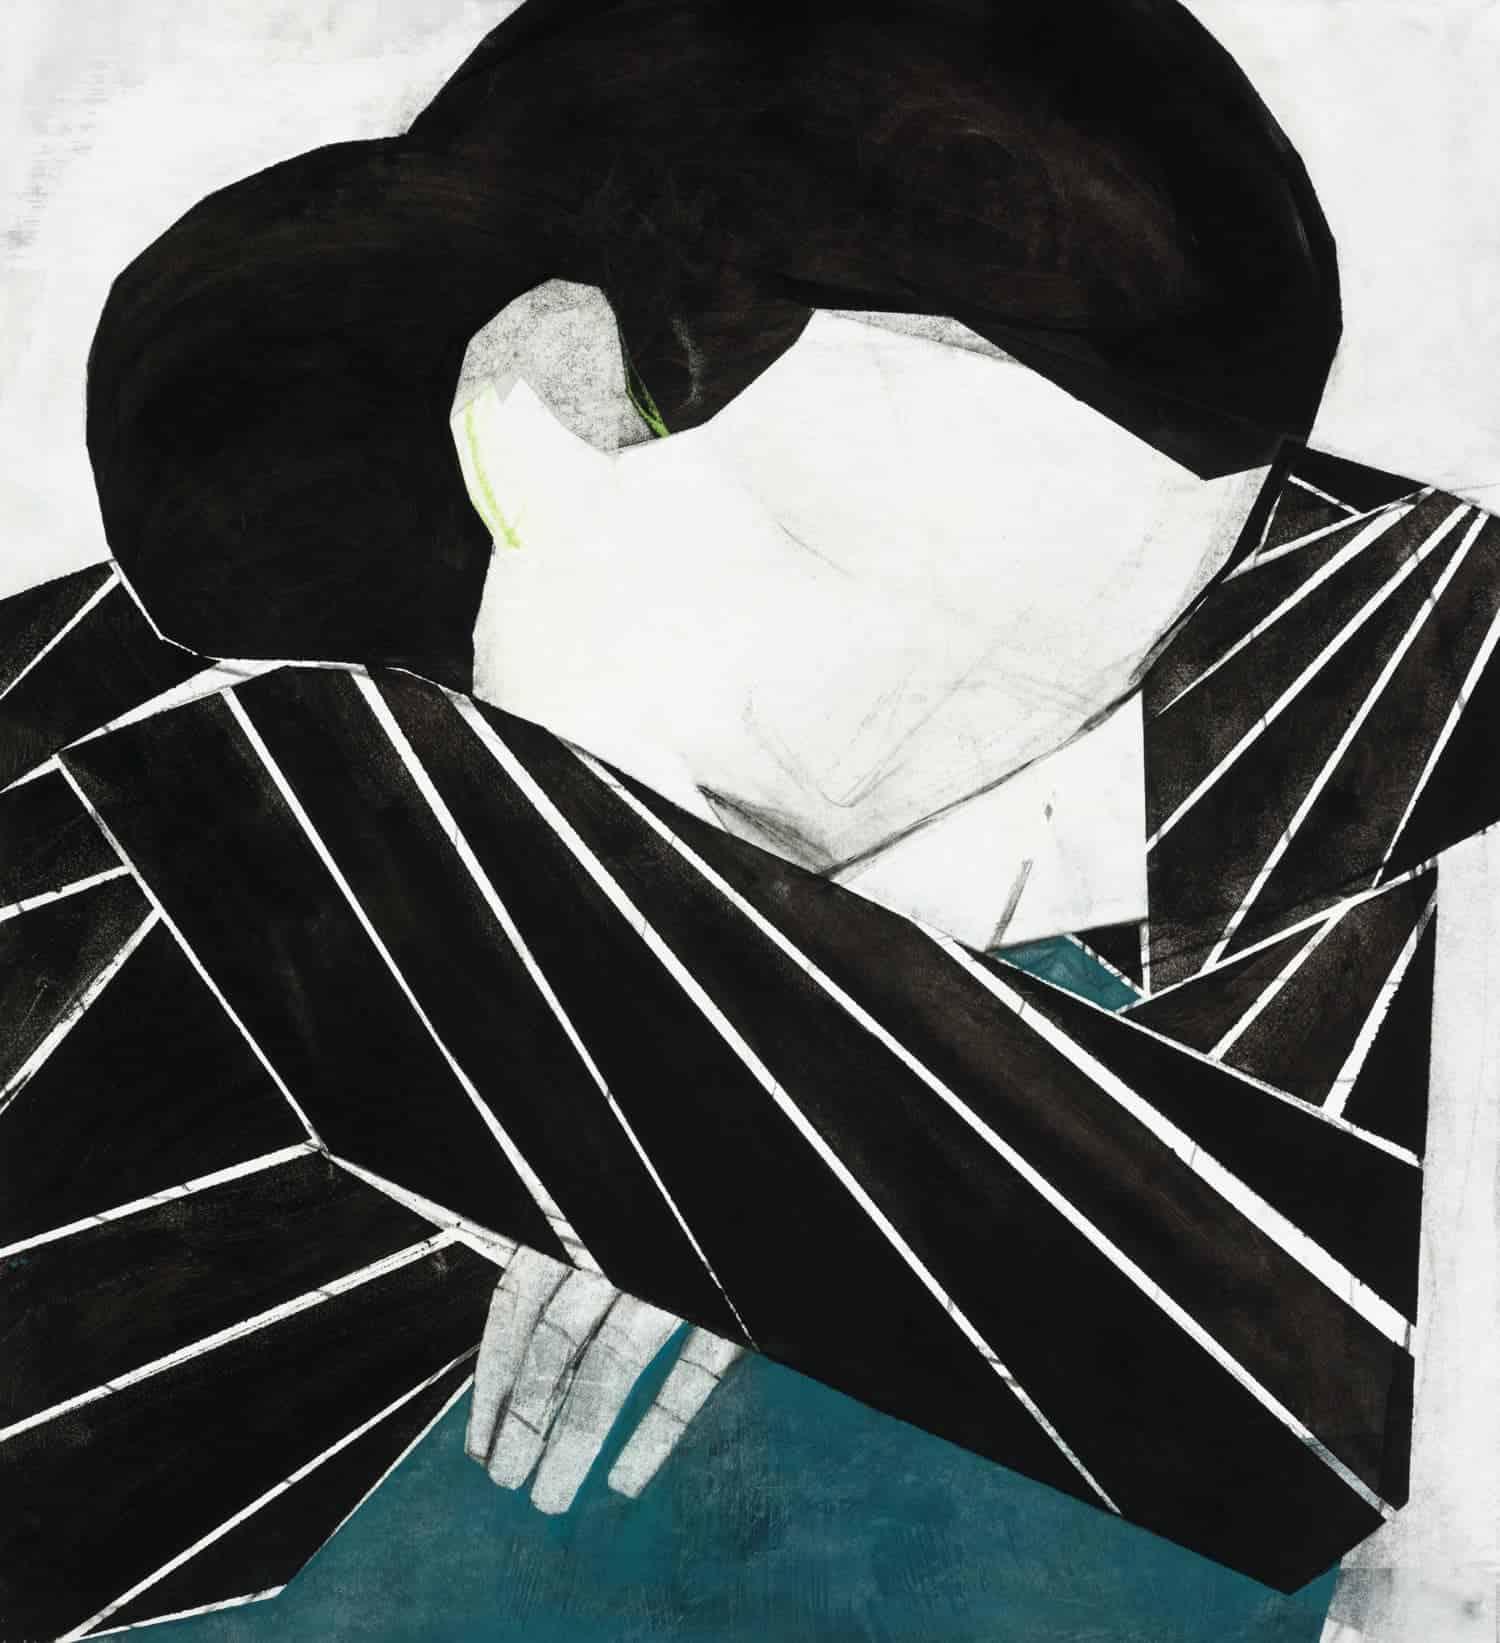 Reflex Gallery - Iris Schomaker